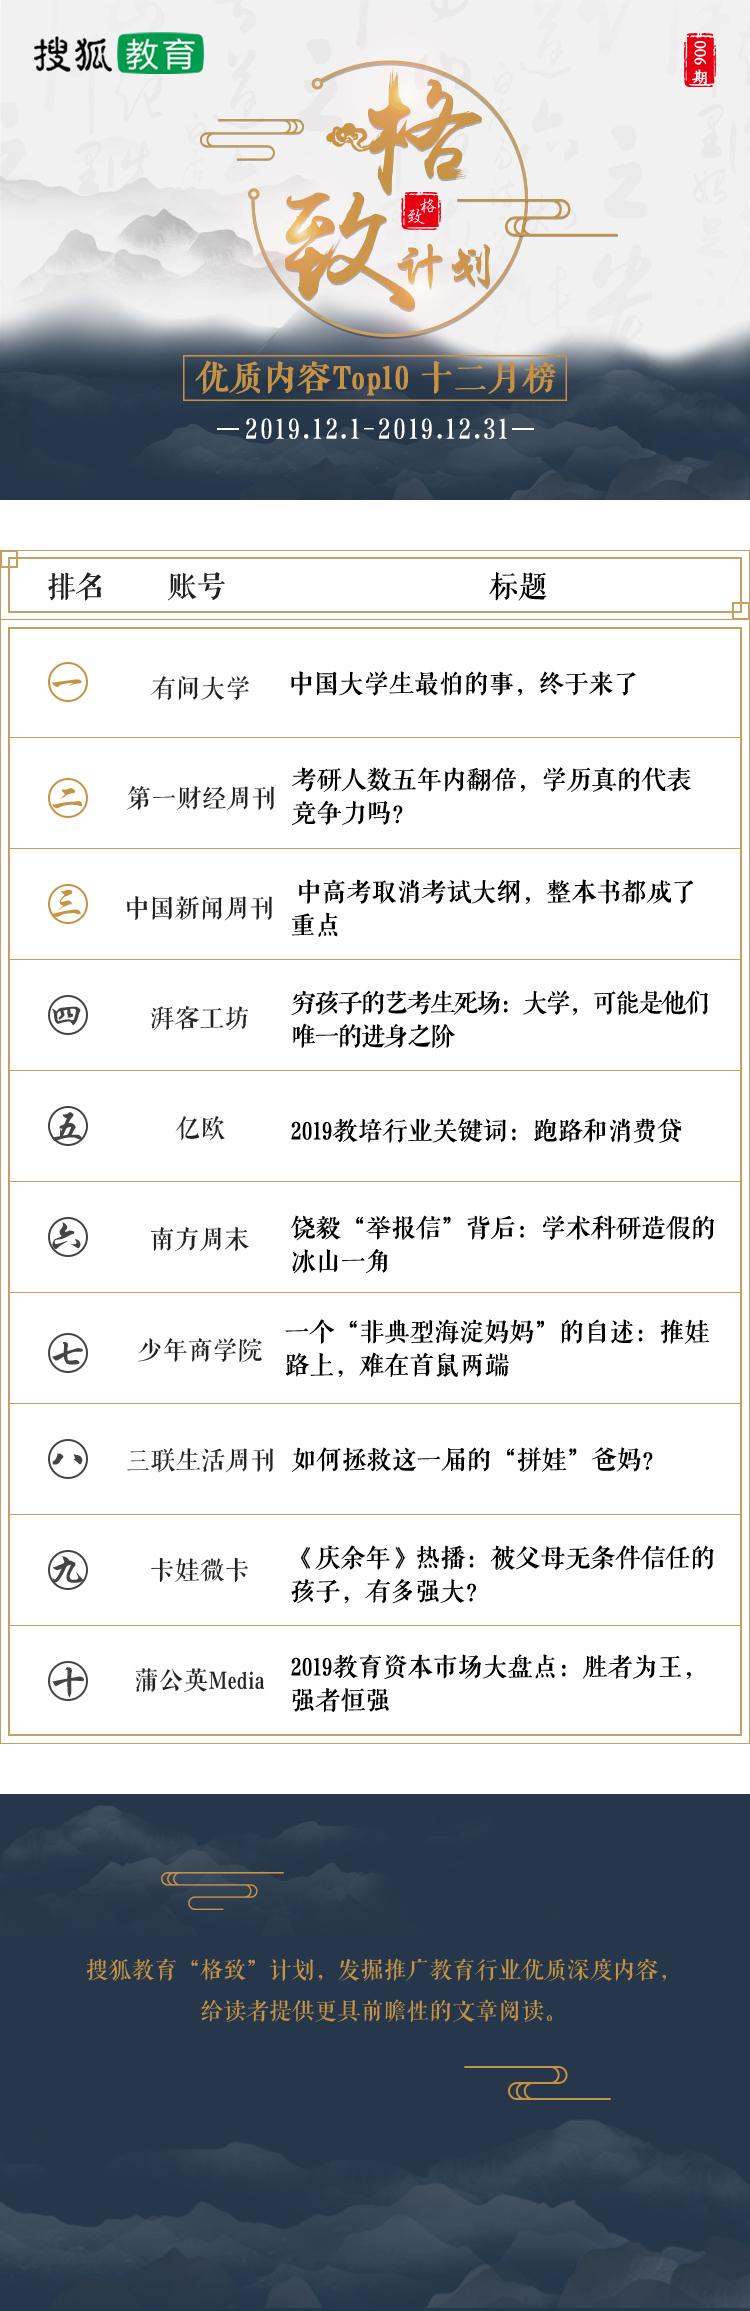 """原创             搜狐教育""""格致""""计划12月内容Top10榜单发布"""